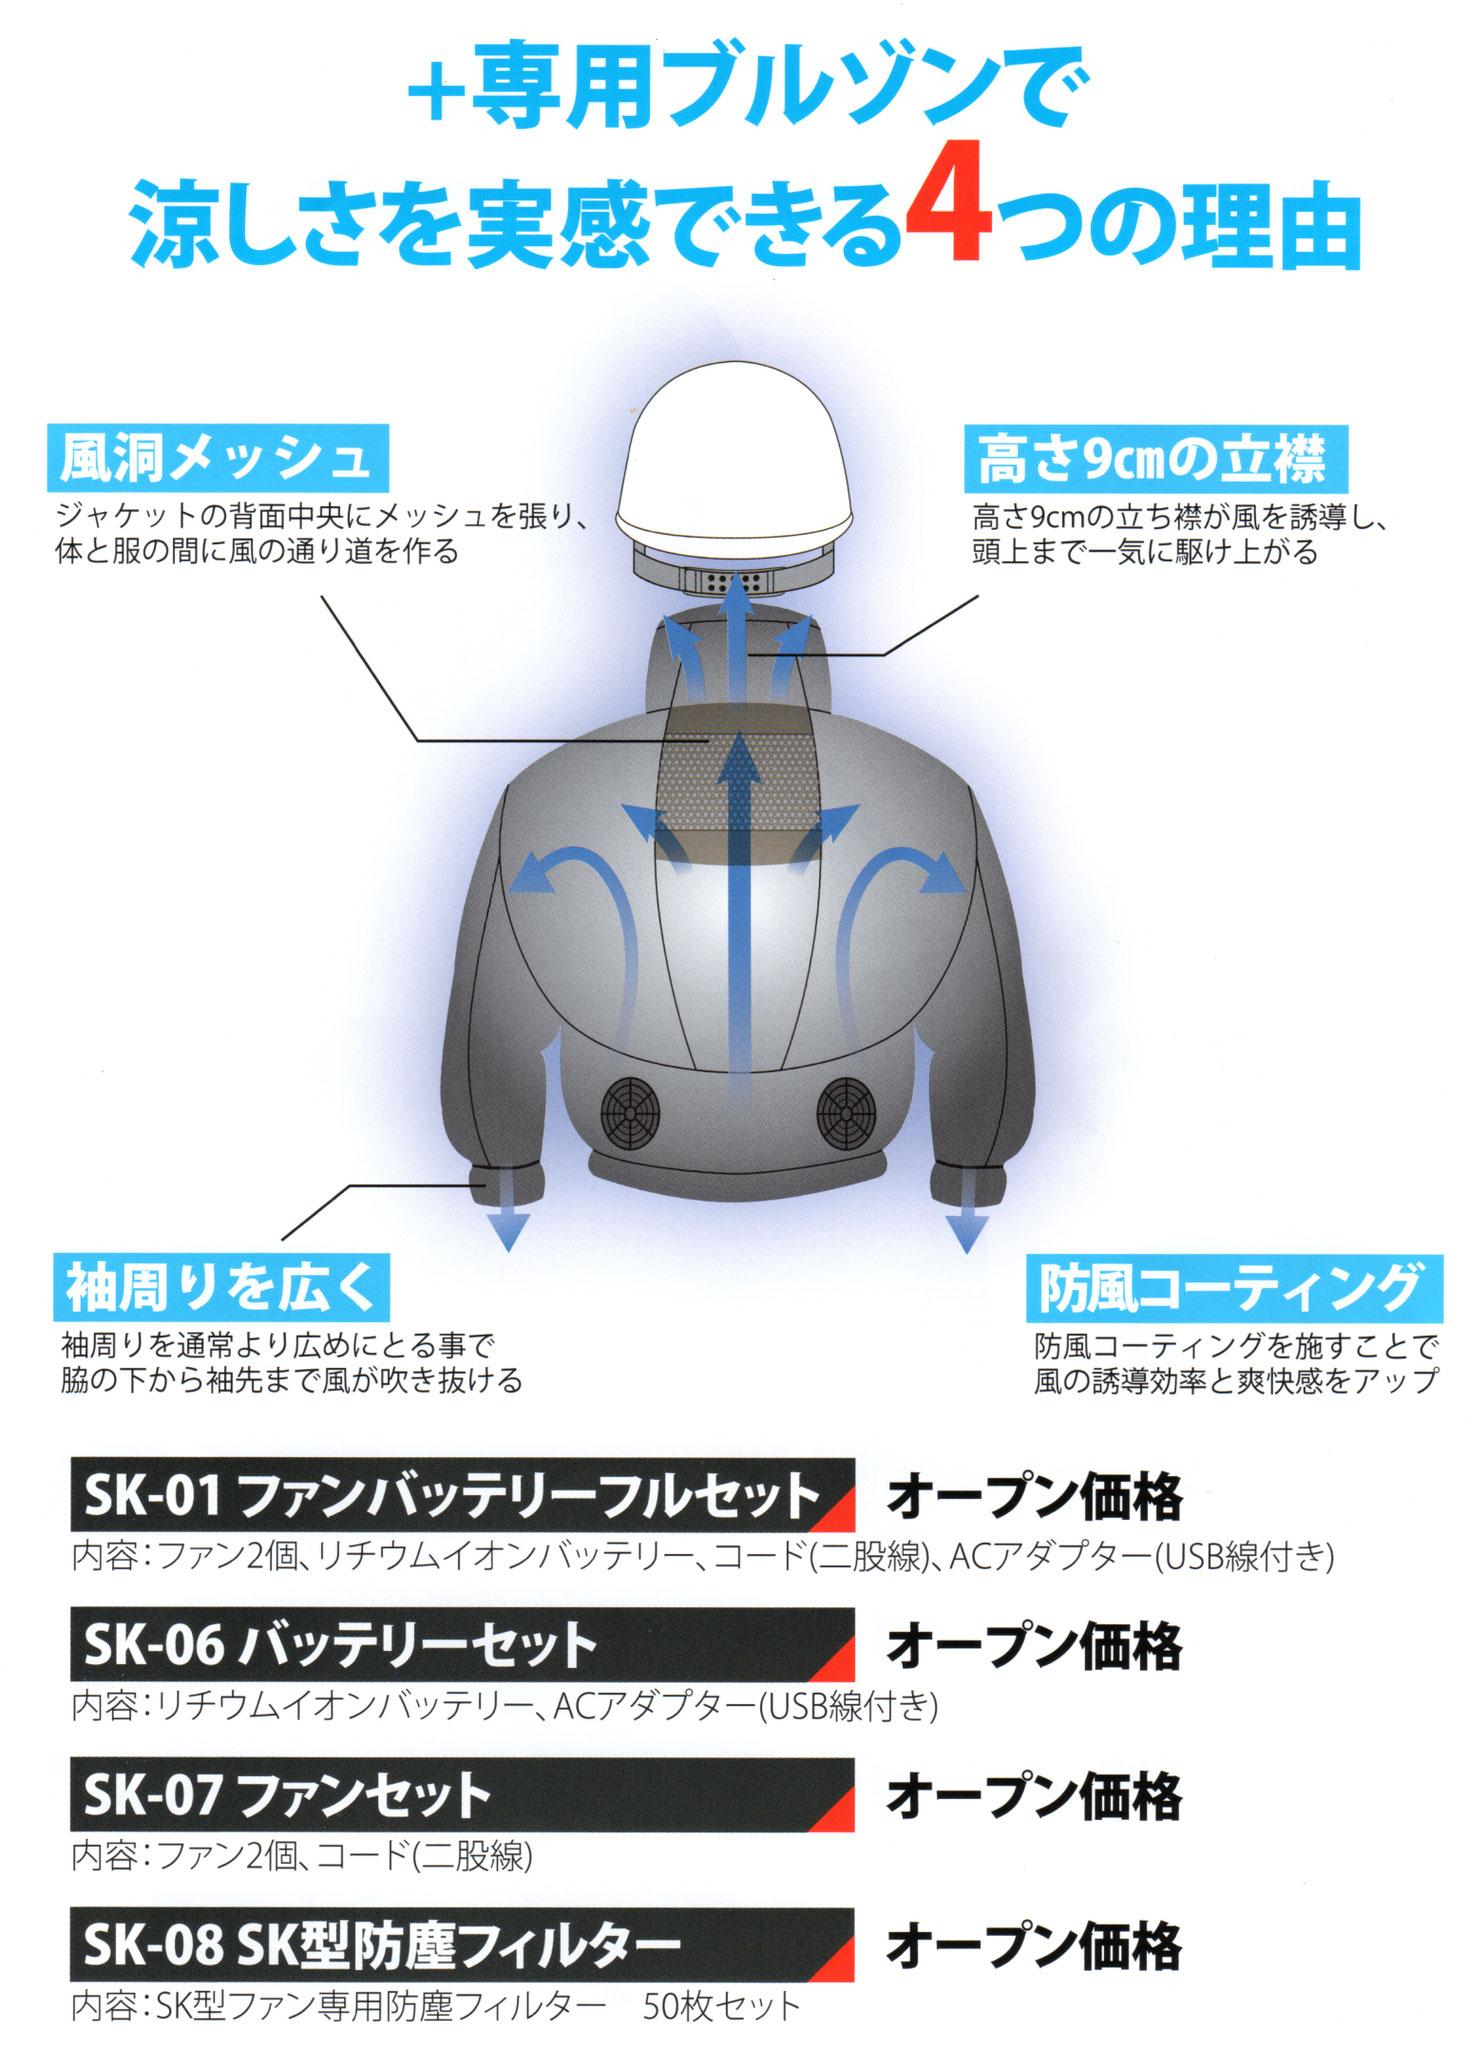 88300 空調ブルゾン ¥2,990(税込)業界に旋風を巻き起こす価格破壊!!